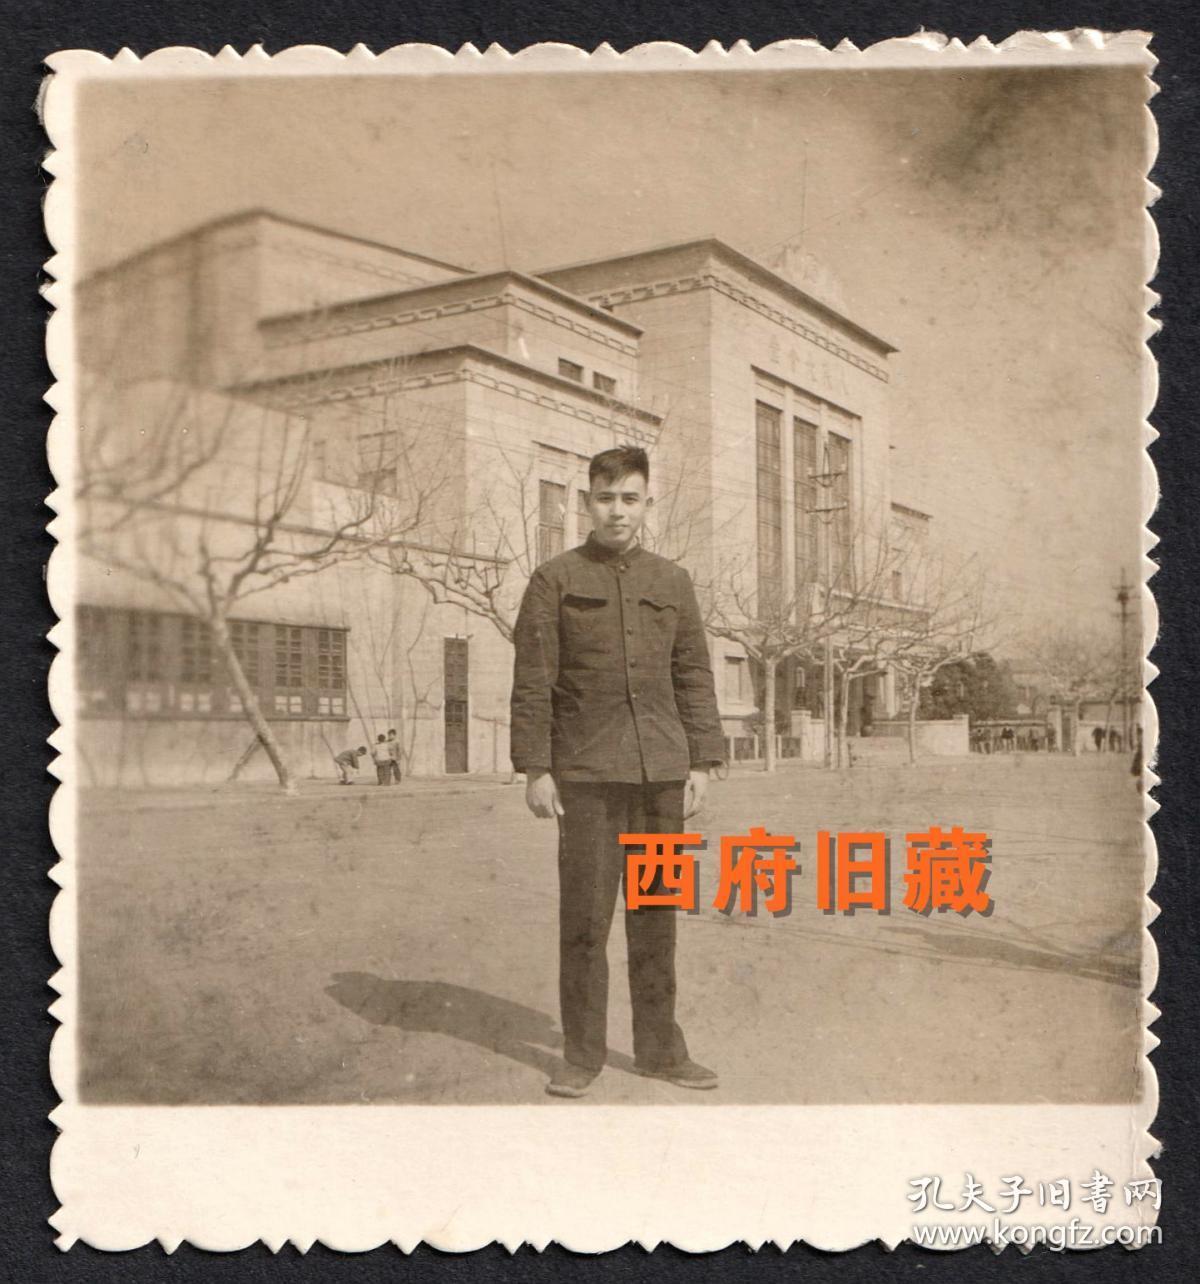 南京人民大会堂留念老照片,当时的招牌字,和现在的书写方向是相反的。